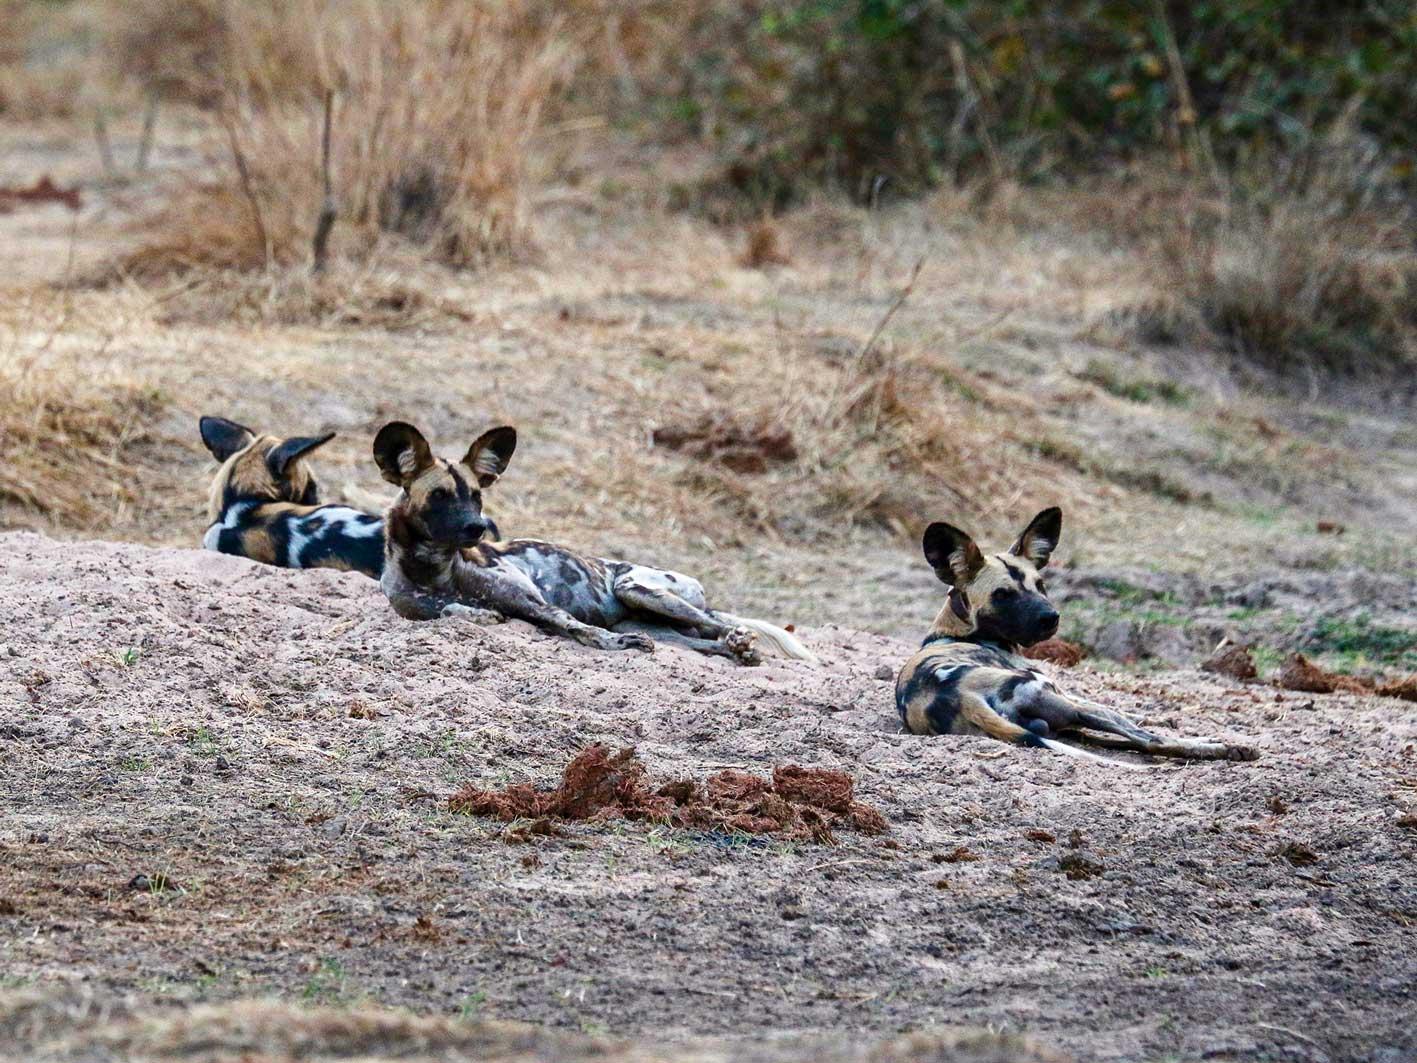 Wild Dogs (Afrikanische Wildhunde), gesichtet auf einer 4x4-Safari-Tour